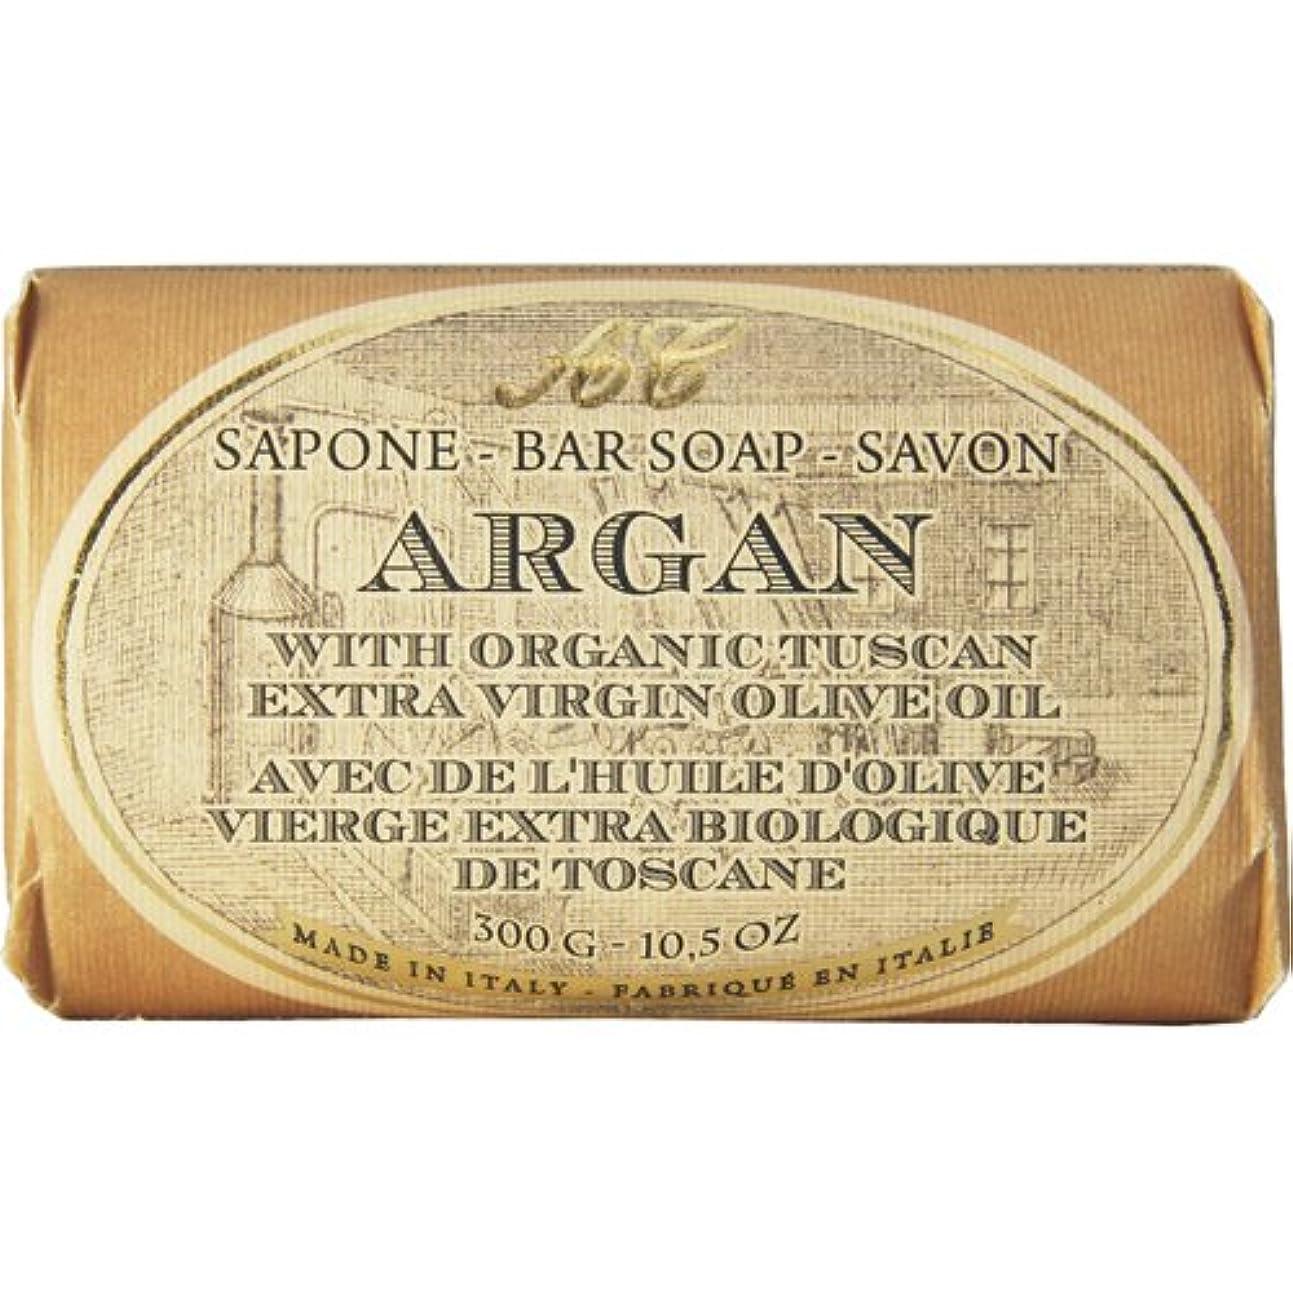 勃起キャリッジランドマークSaponerire Fissi レトロシリーズ Bar Soap バーソープ 300g Argan アルガンオイル